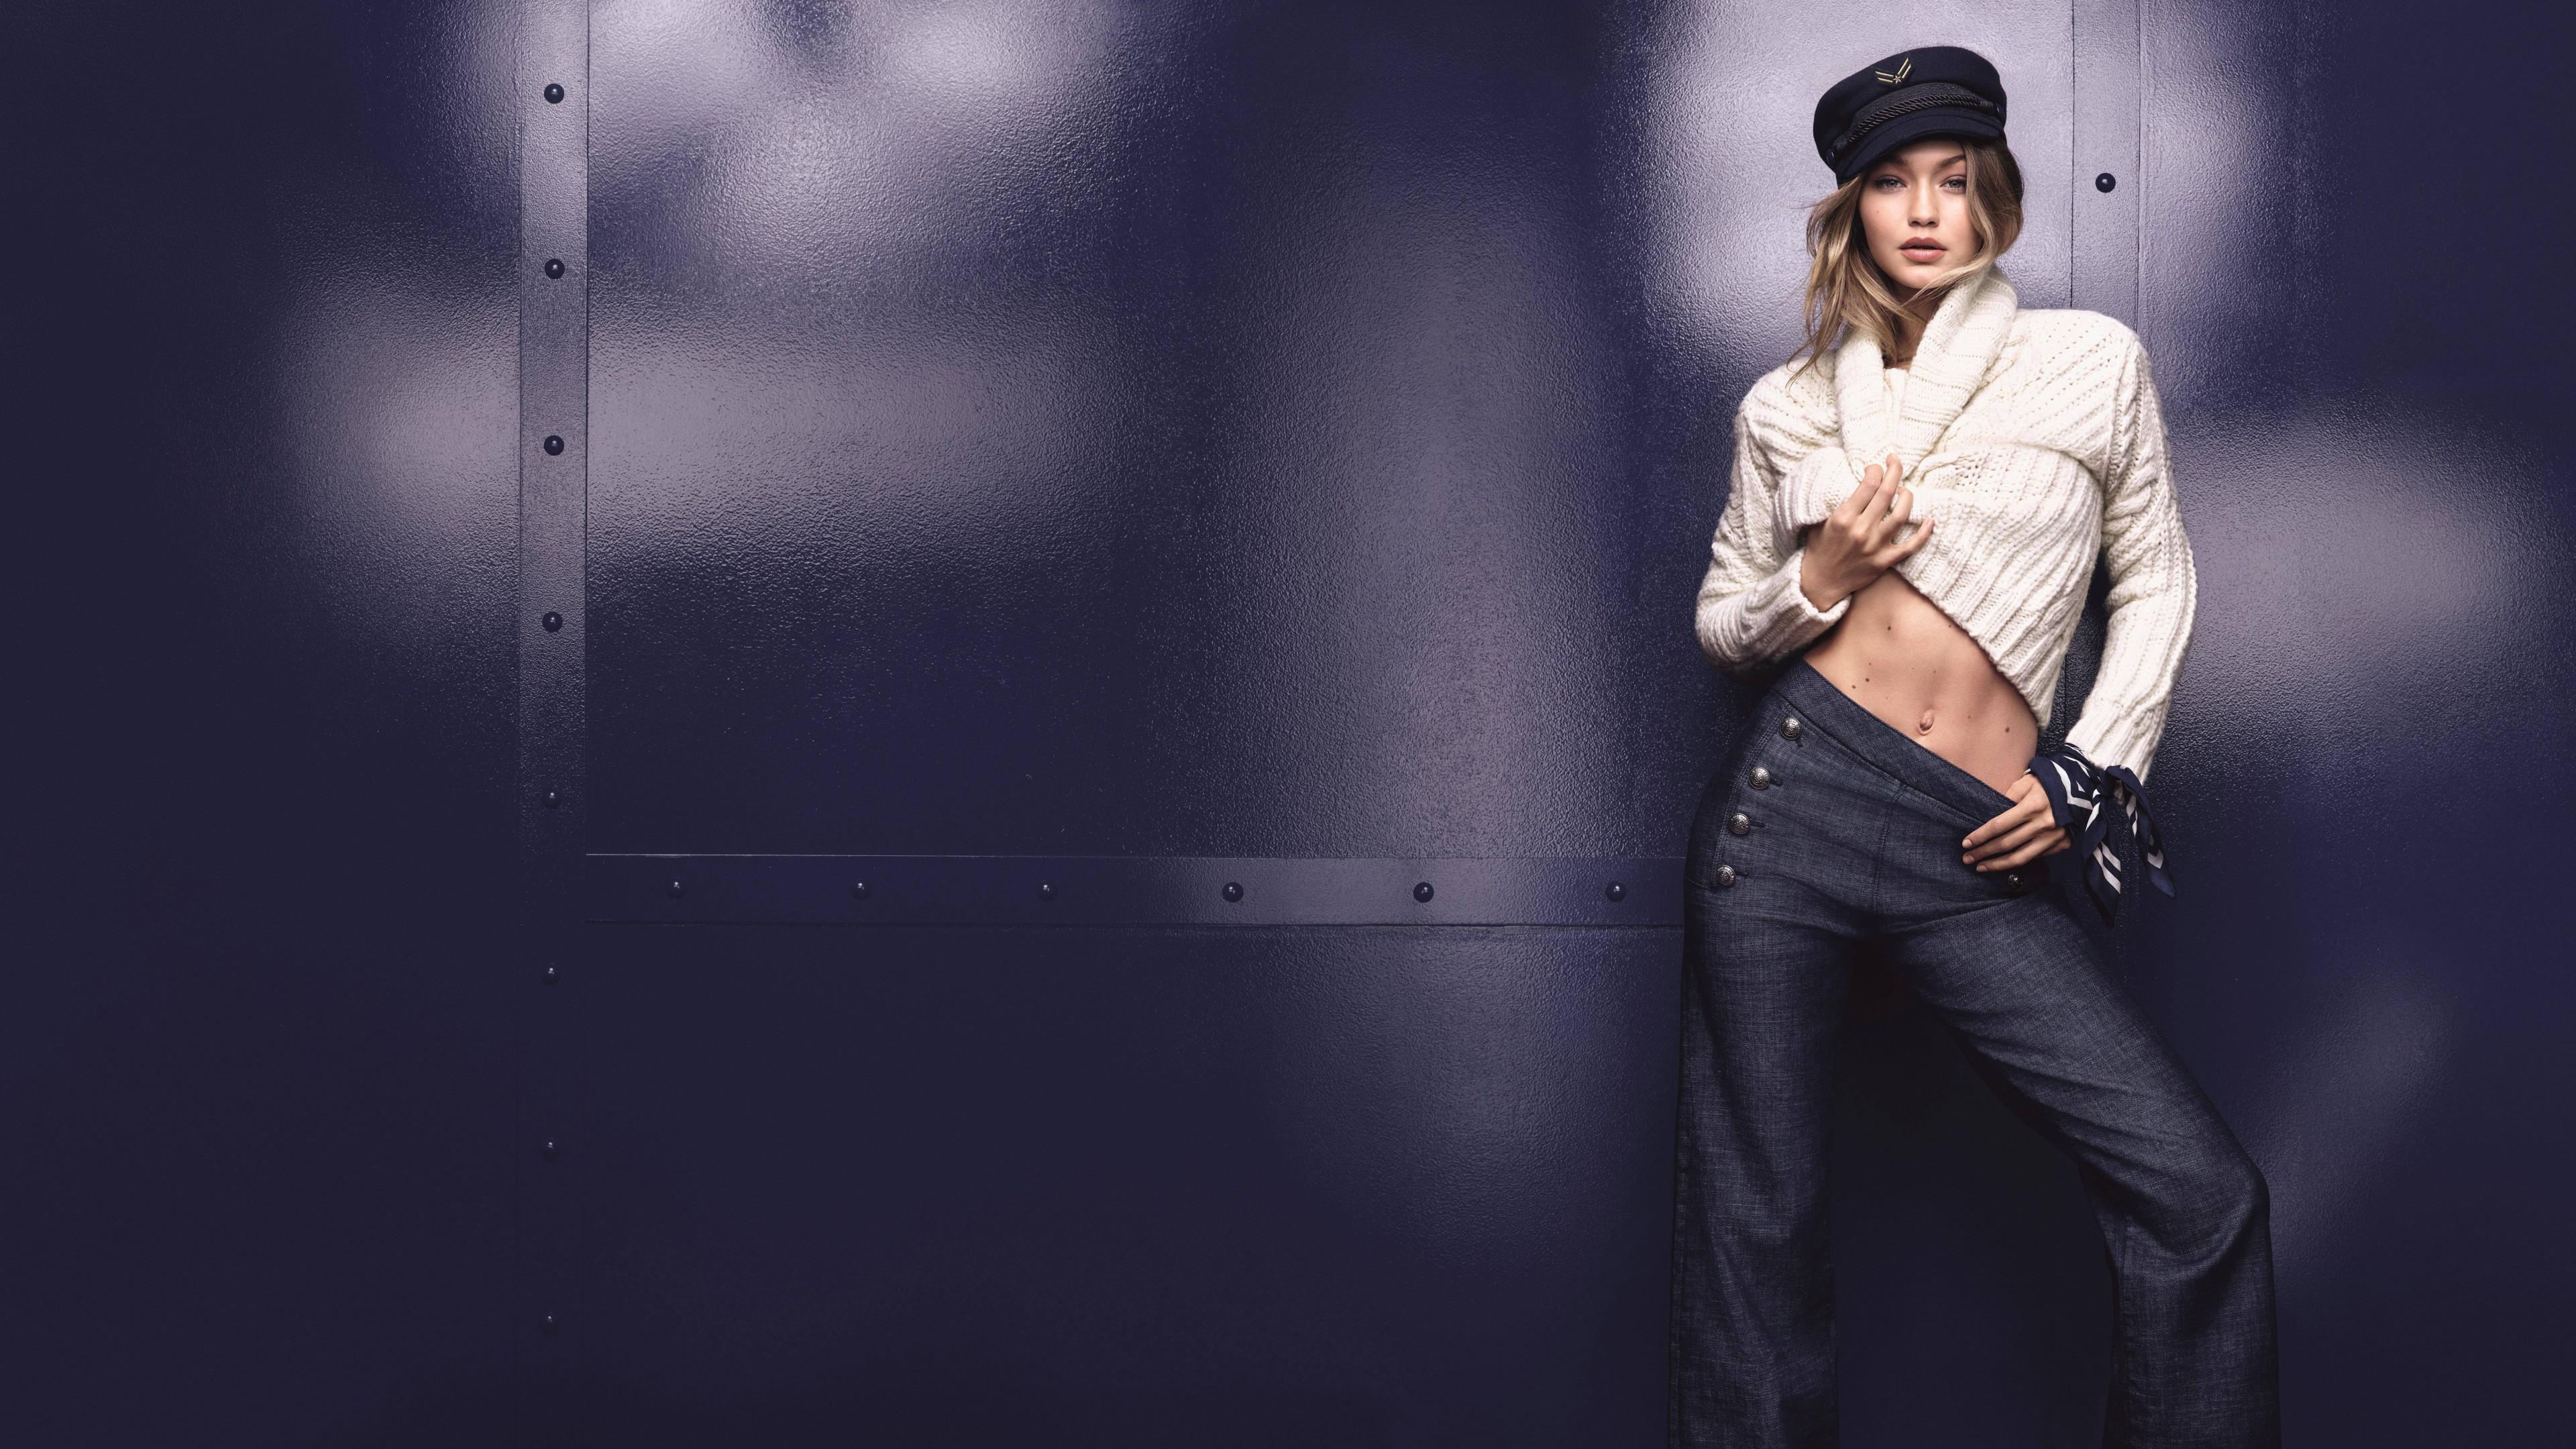 Фотосессия очаровательной блондинки в кепке